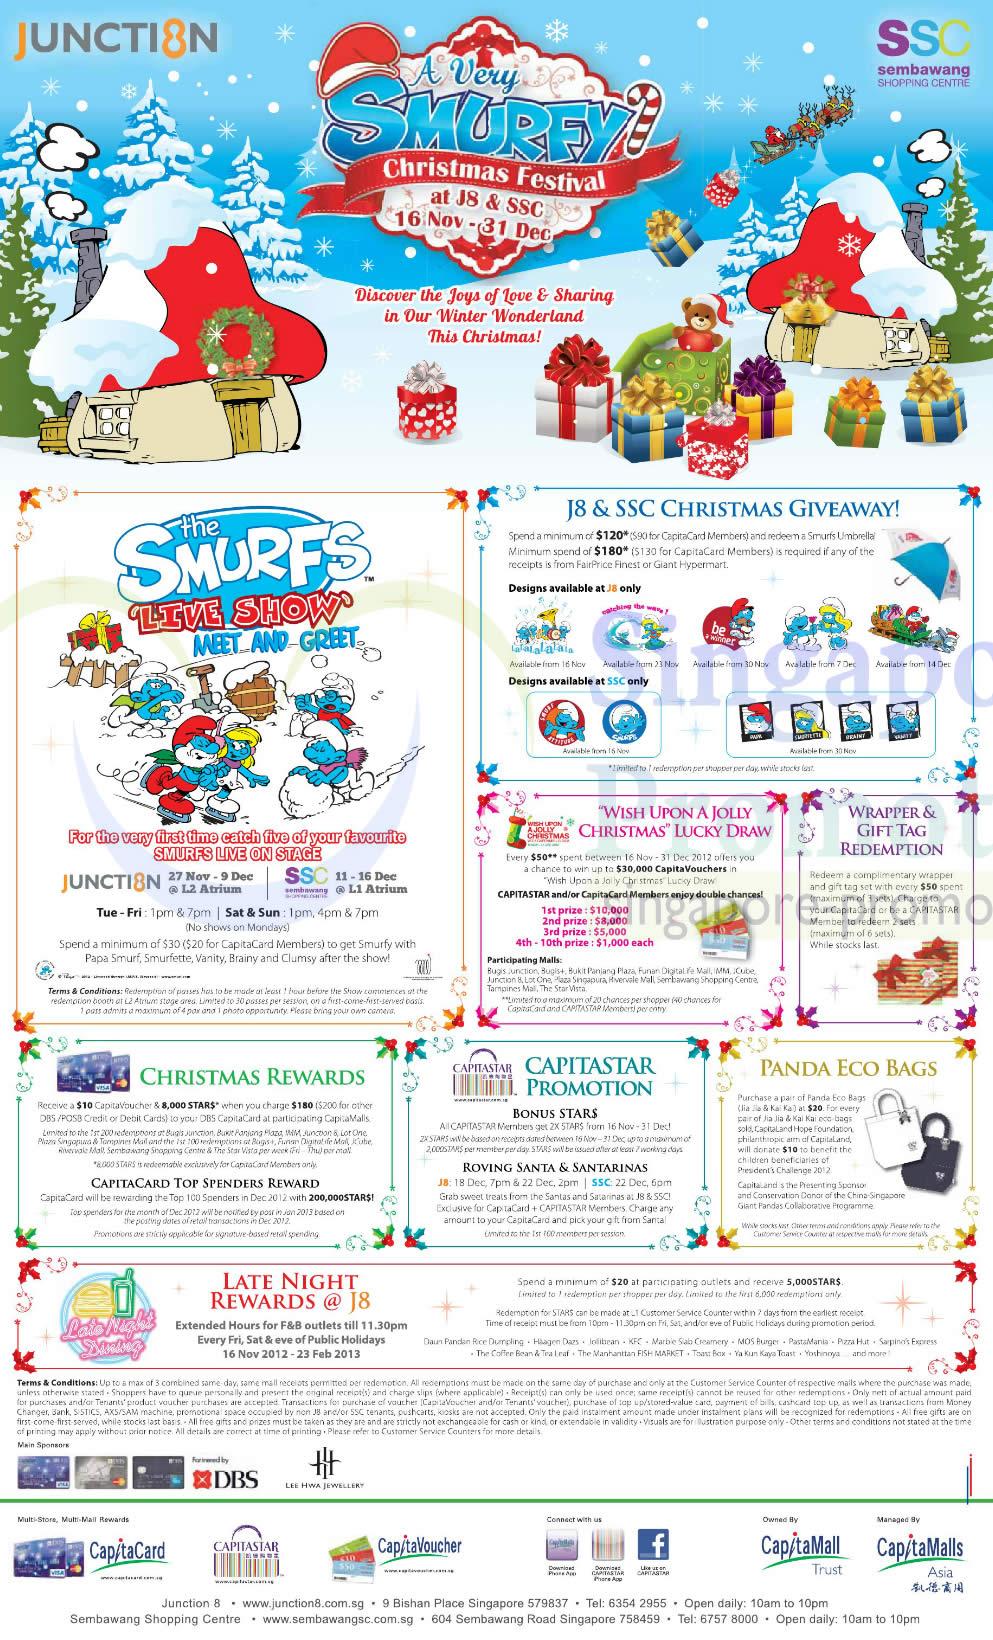 Junction 8, Sembawang Shopping Centre 16 Nov 2012